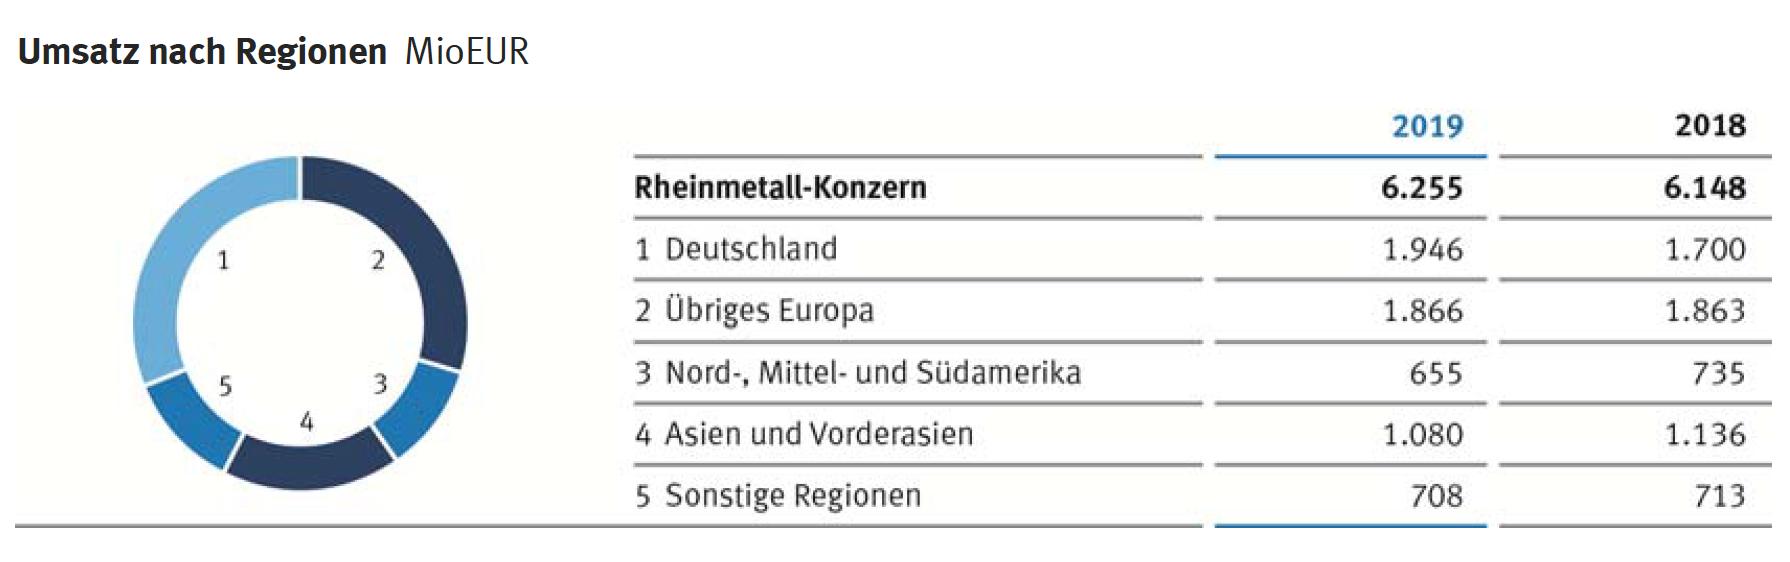 Rheinmetall Umsatz nach Regionen